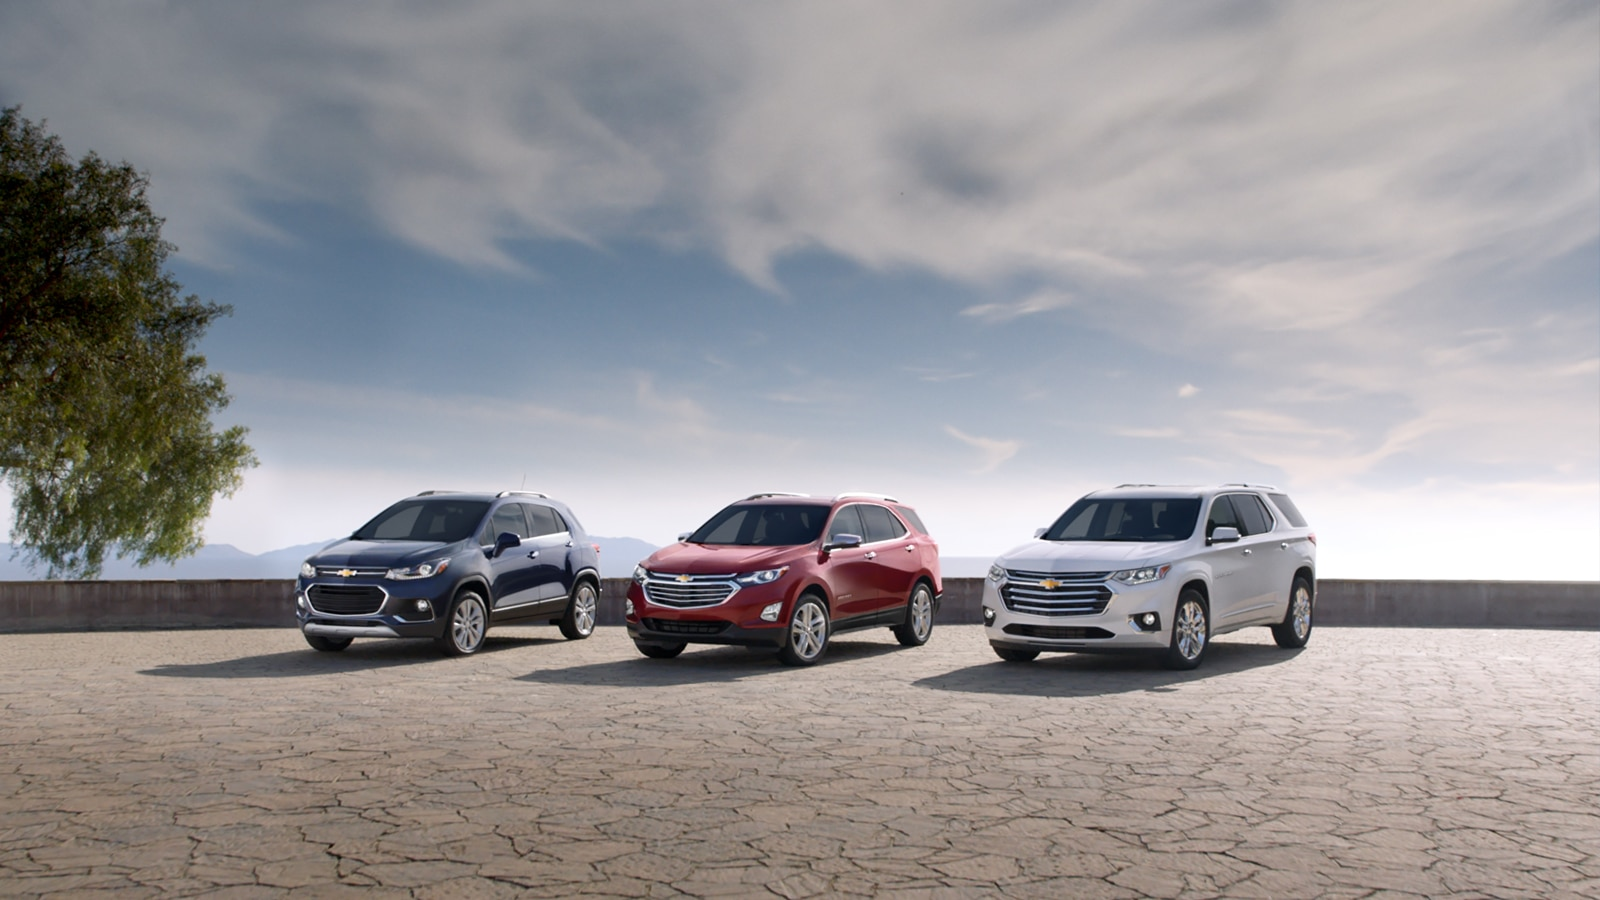 Las crossovers Trax, Equinox y Traverse de Chevrolet estacionadas una al lado de la otra.